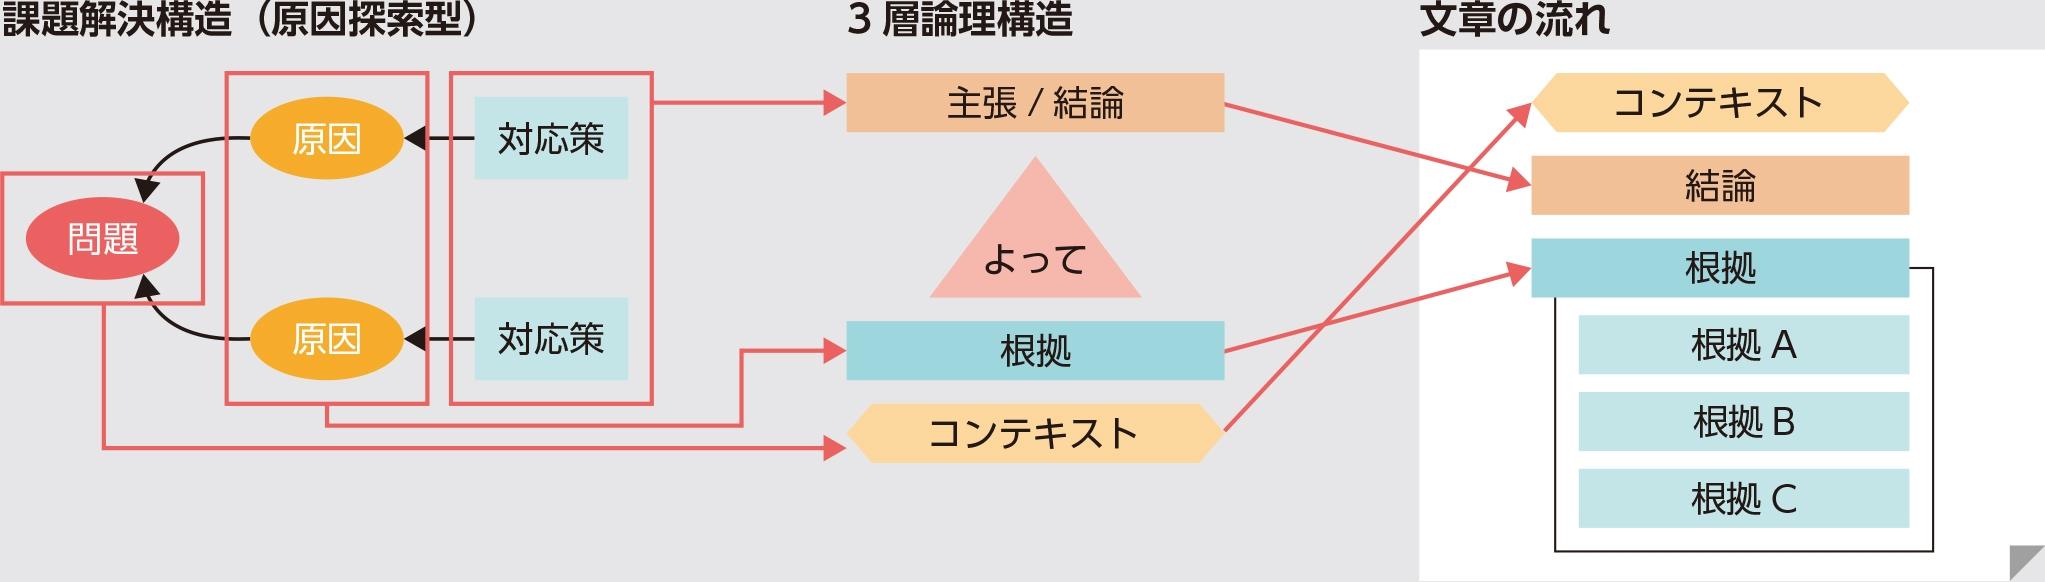 図4●論理構造から文章を作成する流れ